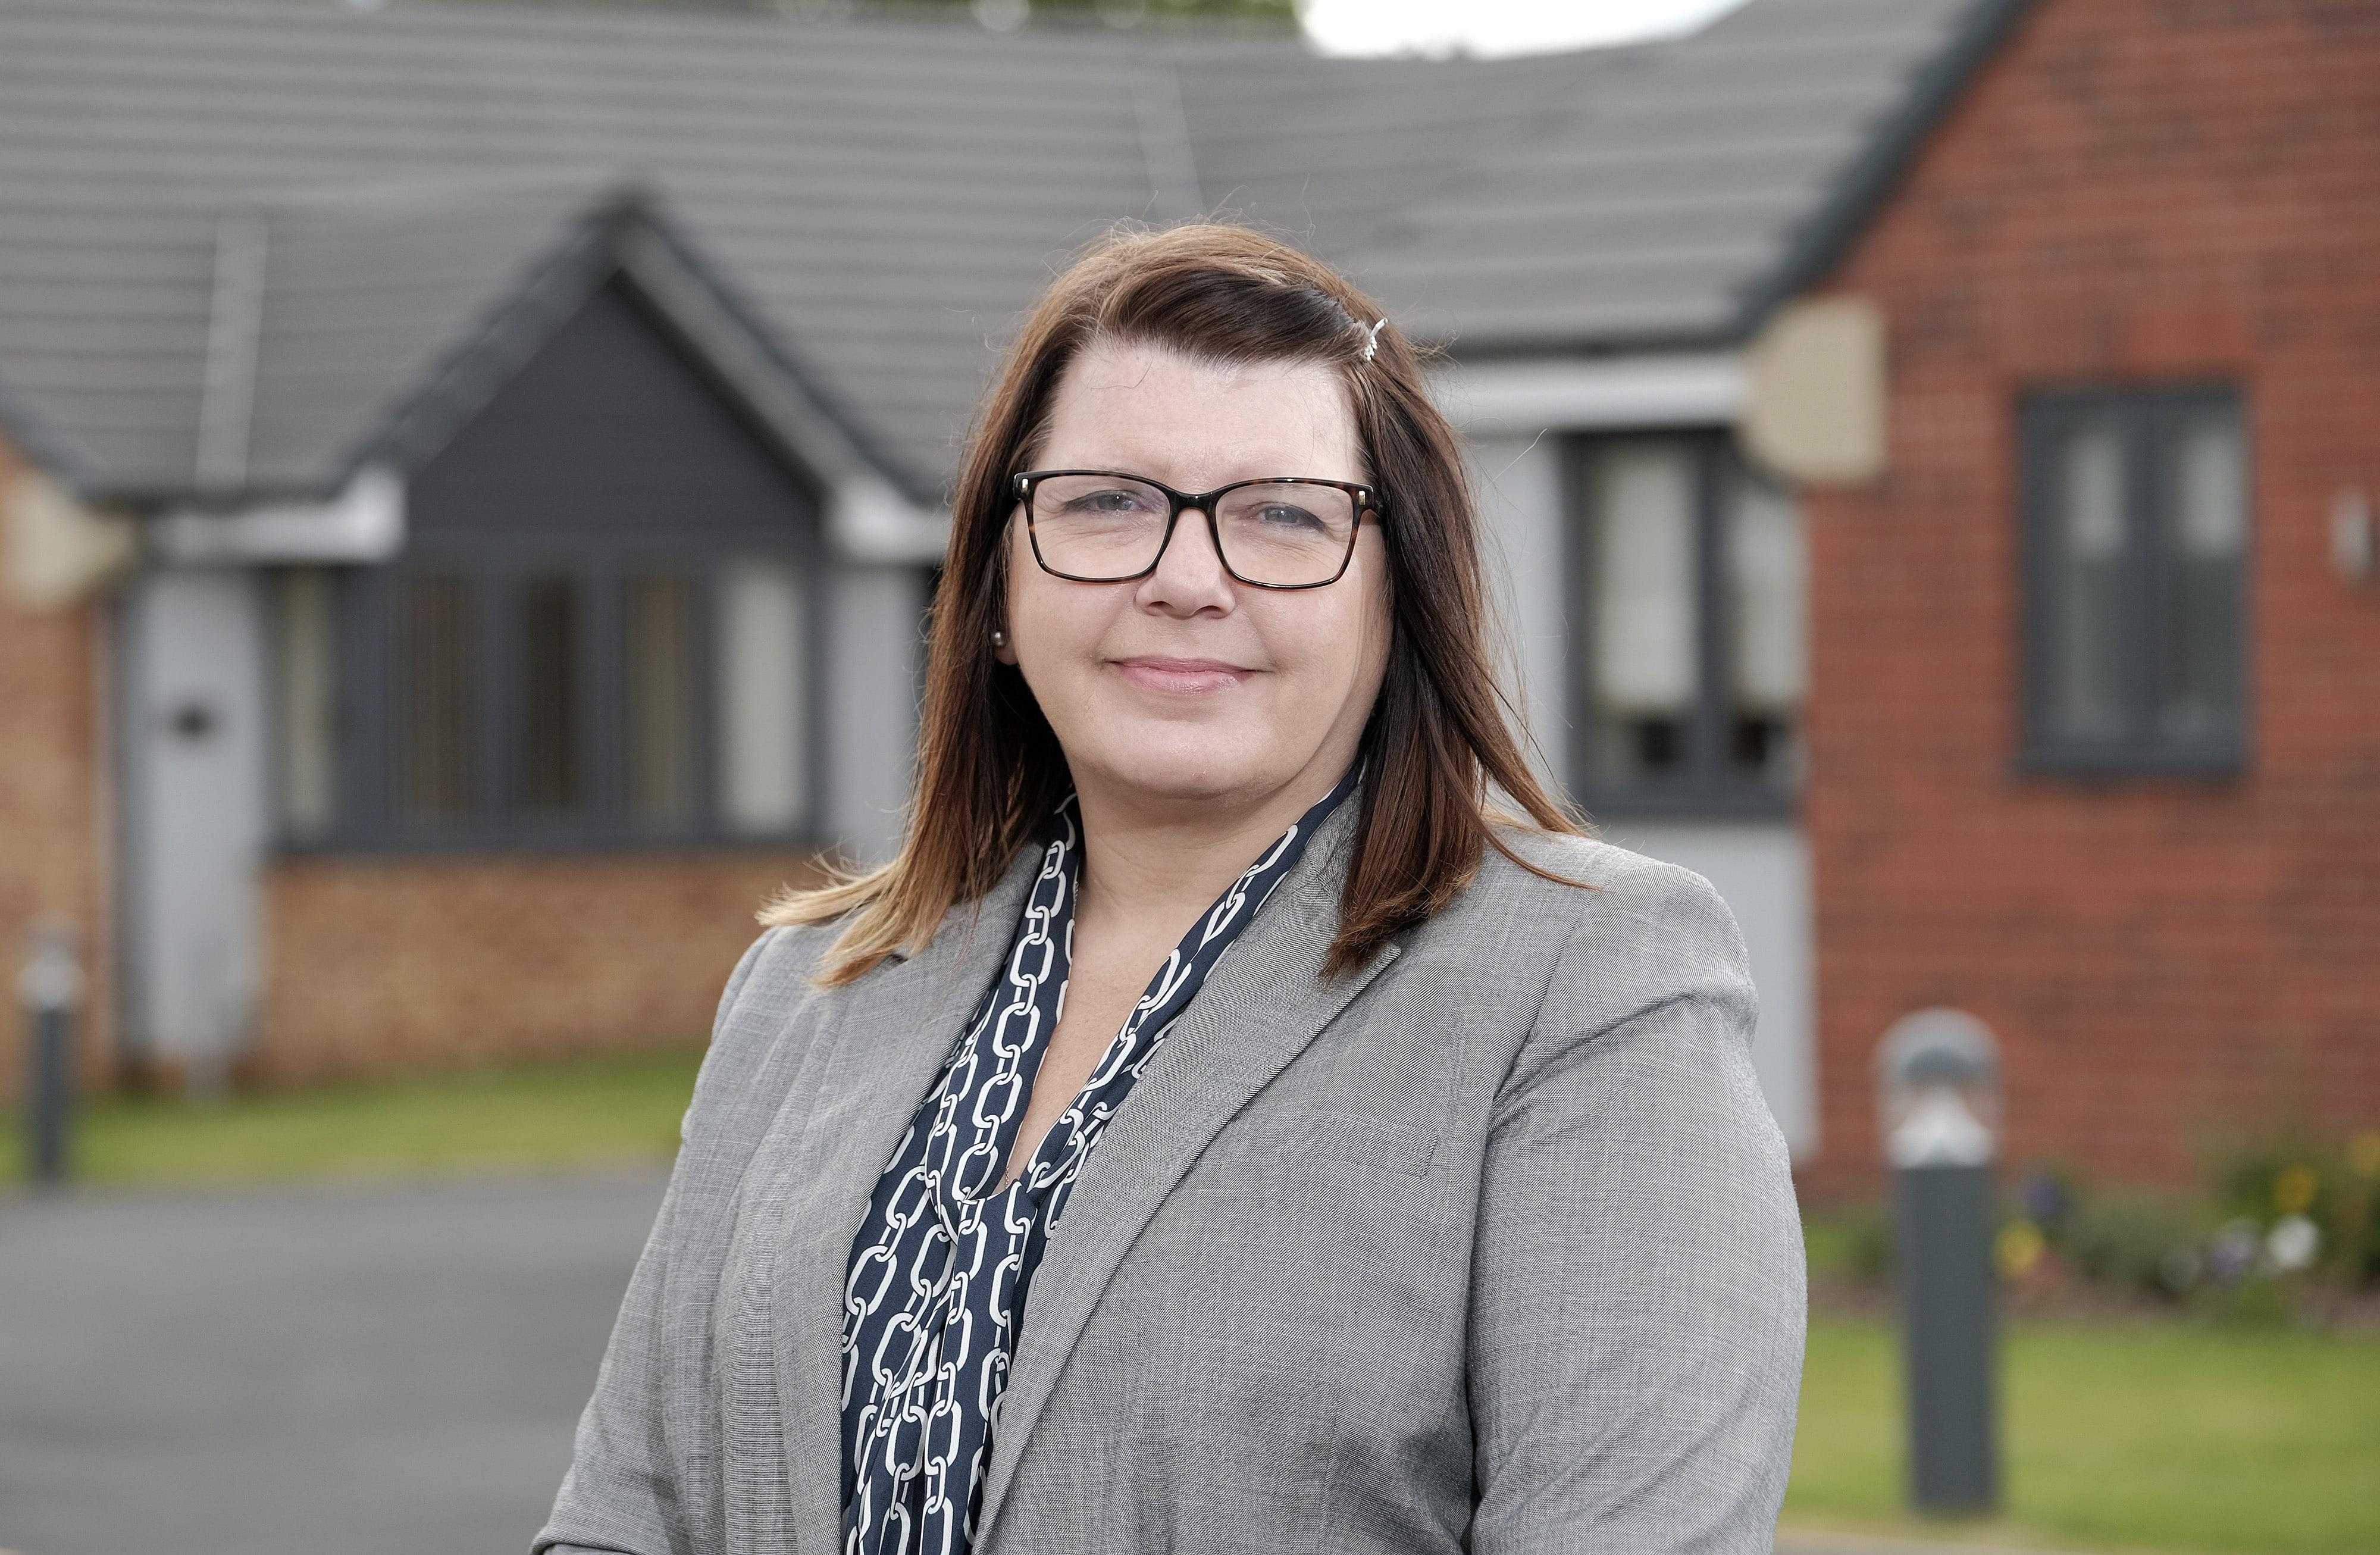 Midlands housebuilder builds marketing team